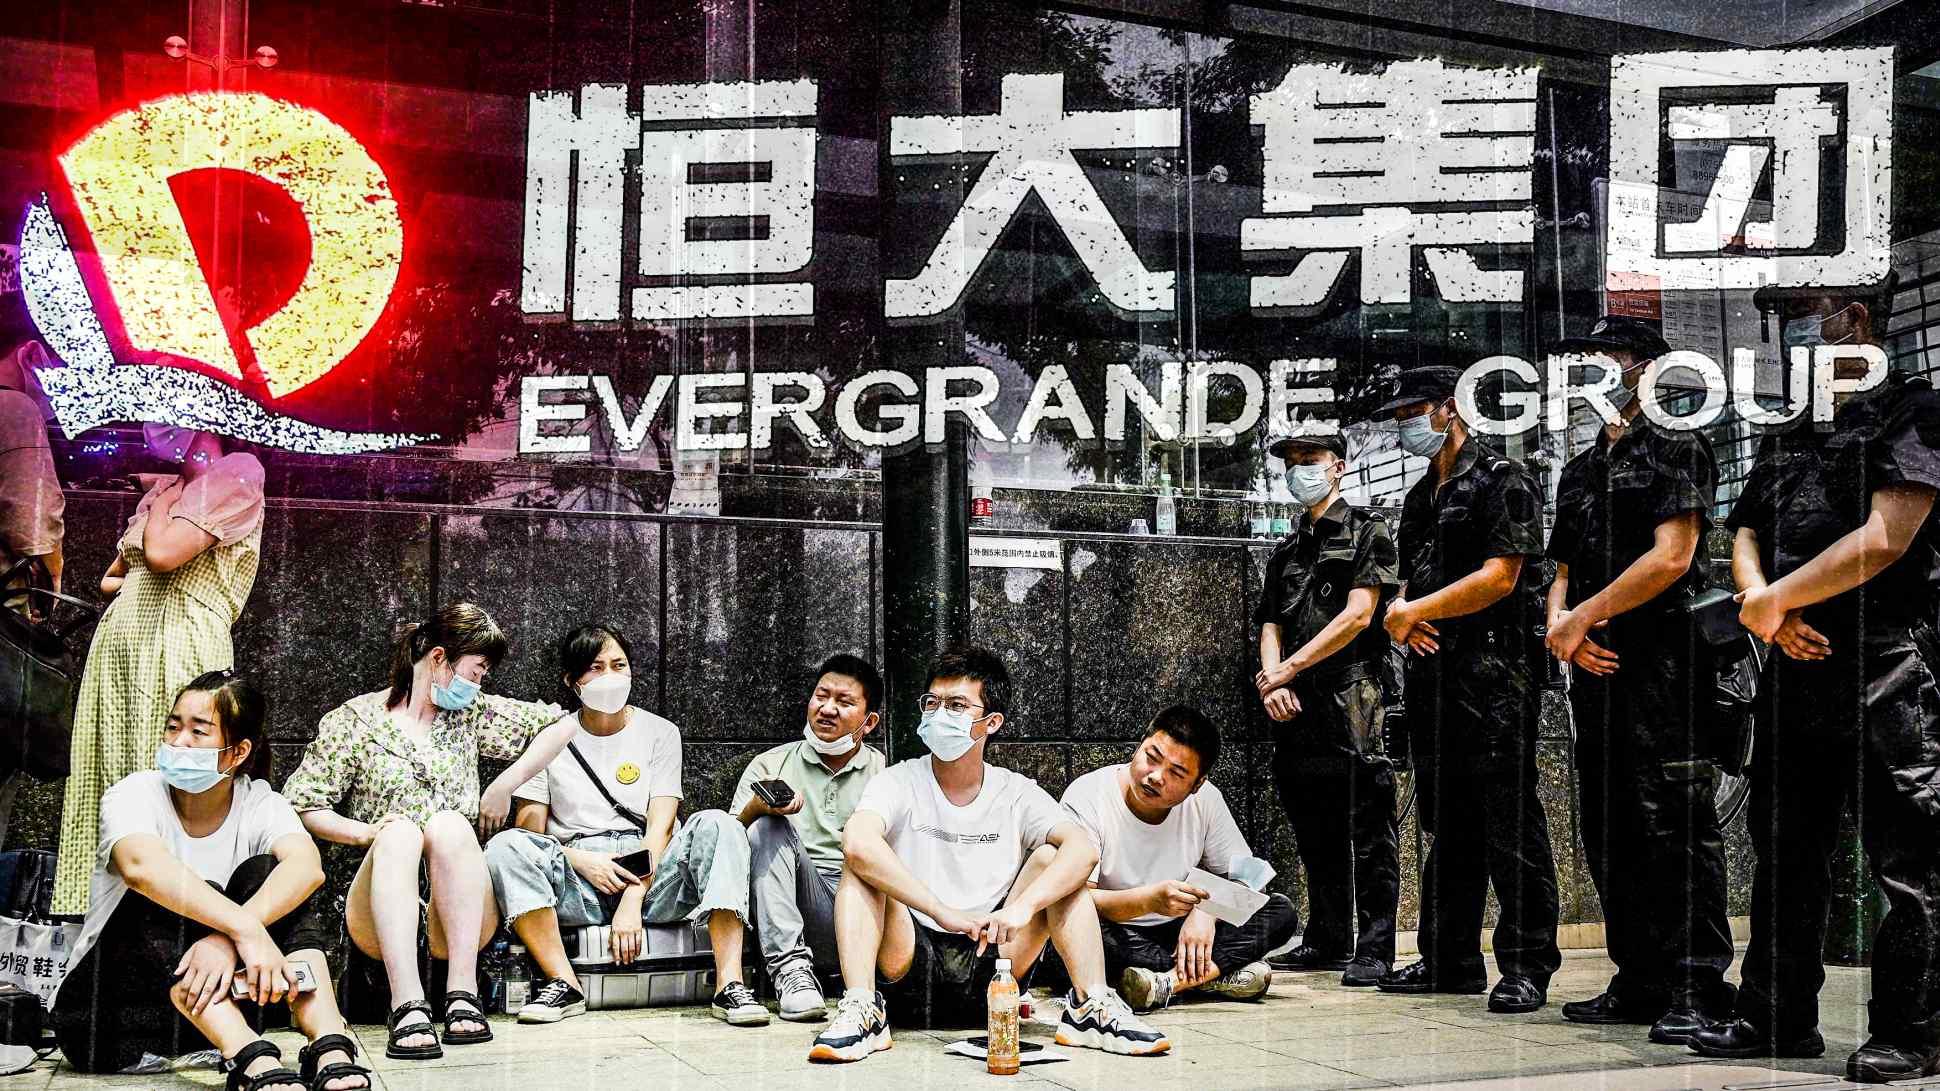 Trung Quốc lúng túng tìm cách tháo ngòi nổ 'bom hẹn giờ' Evergrande